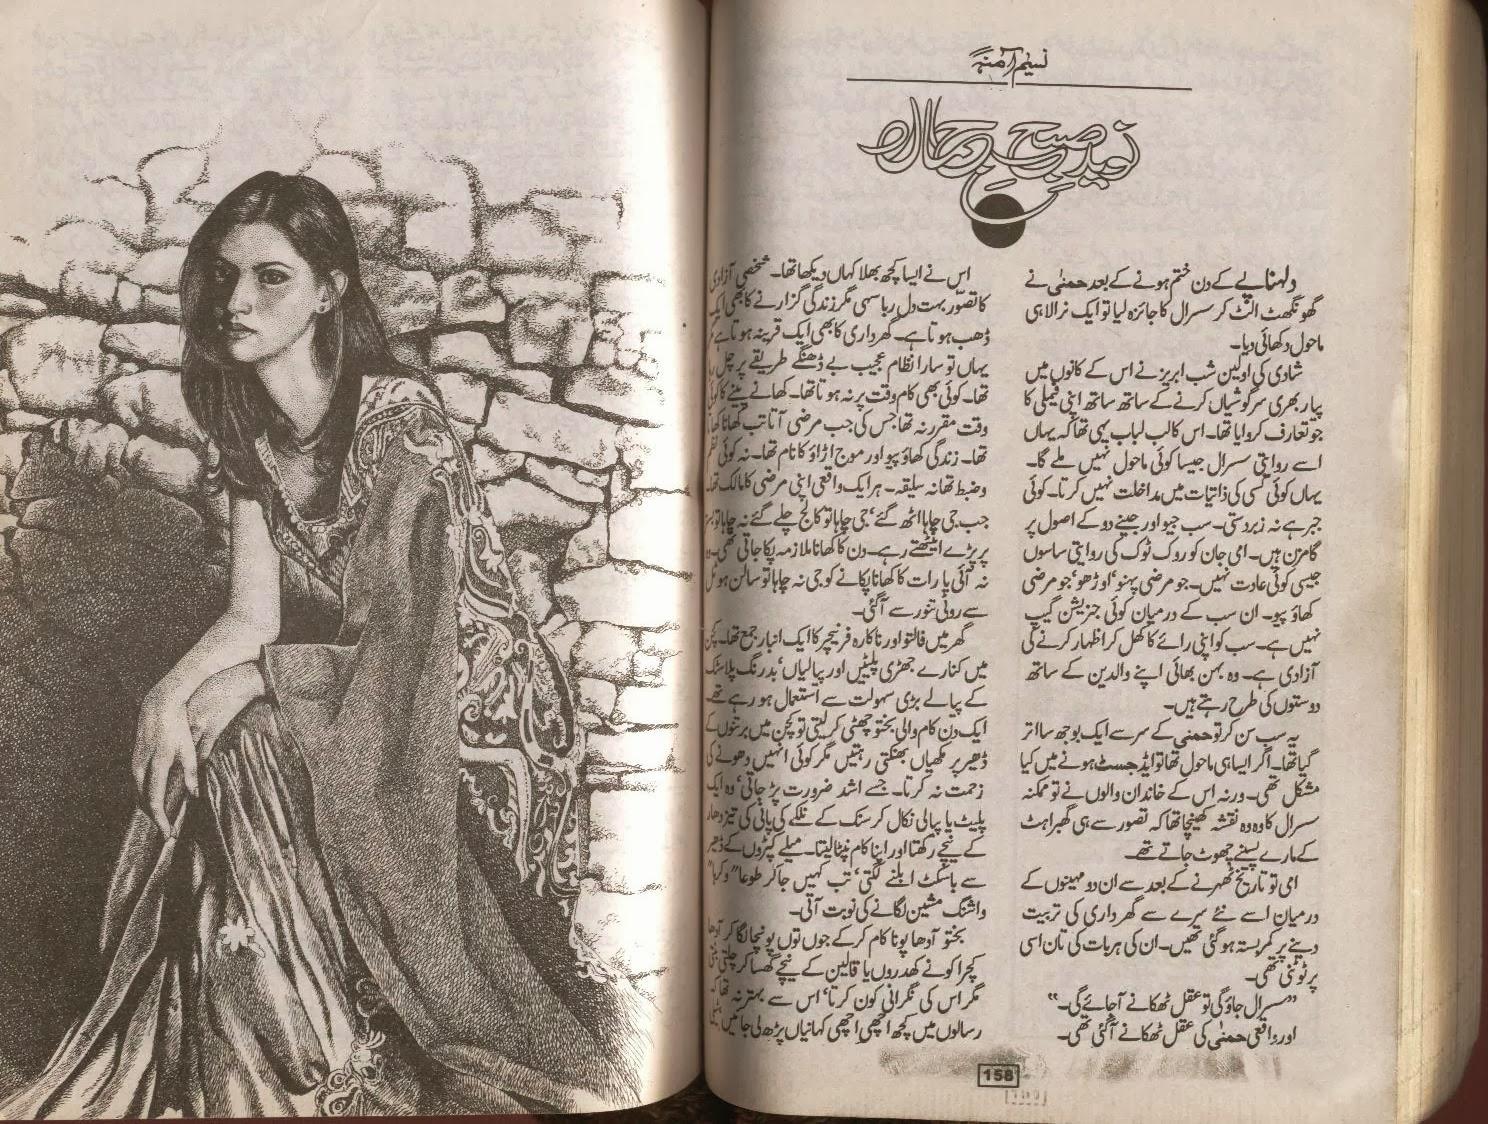 Naveed e subh e jamal by Naseem Amna Online Reading.